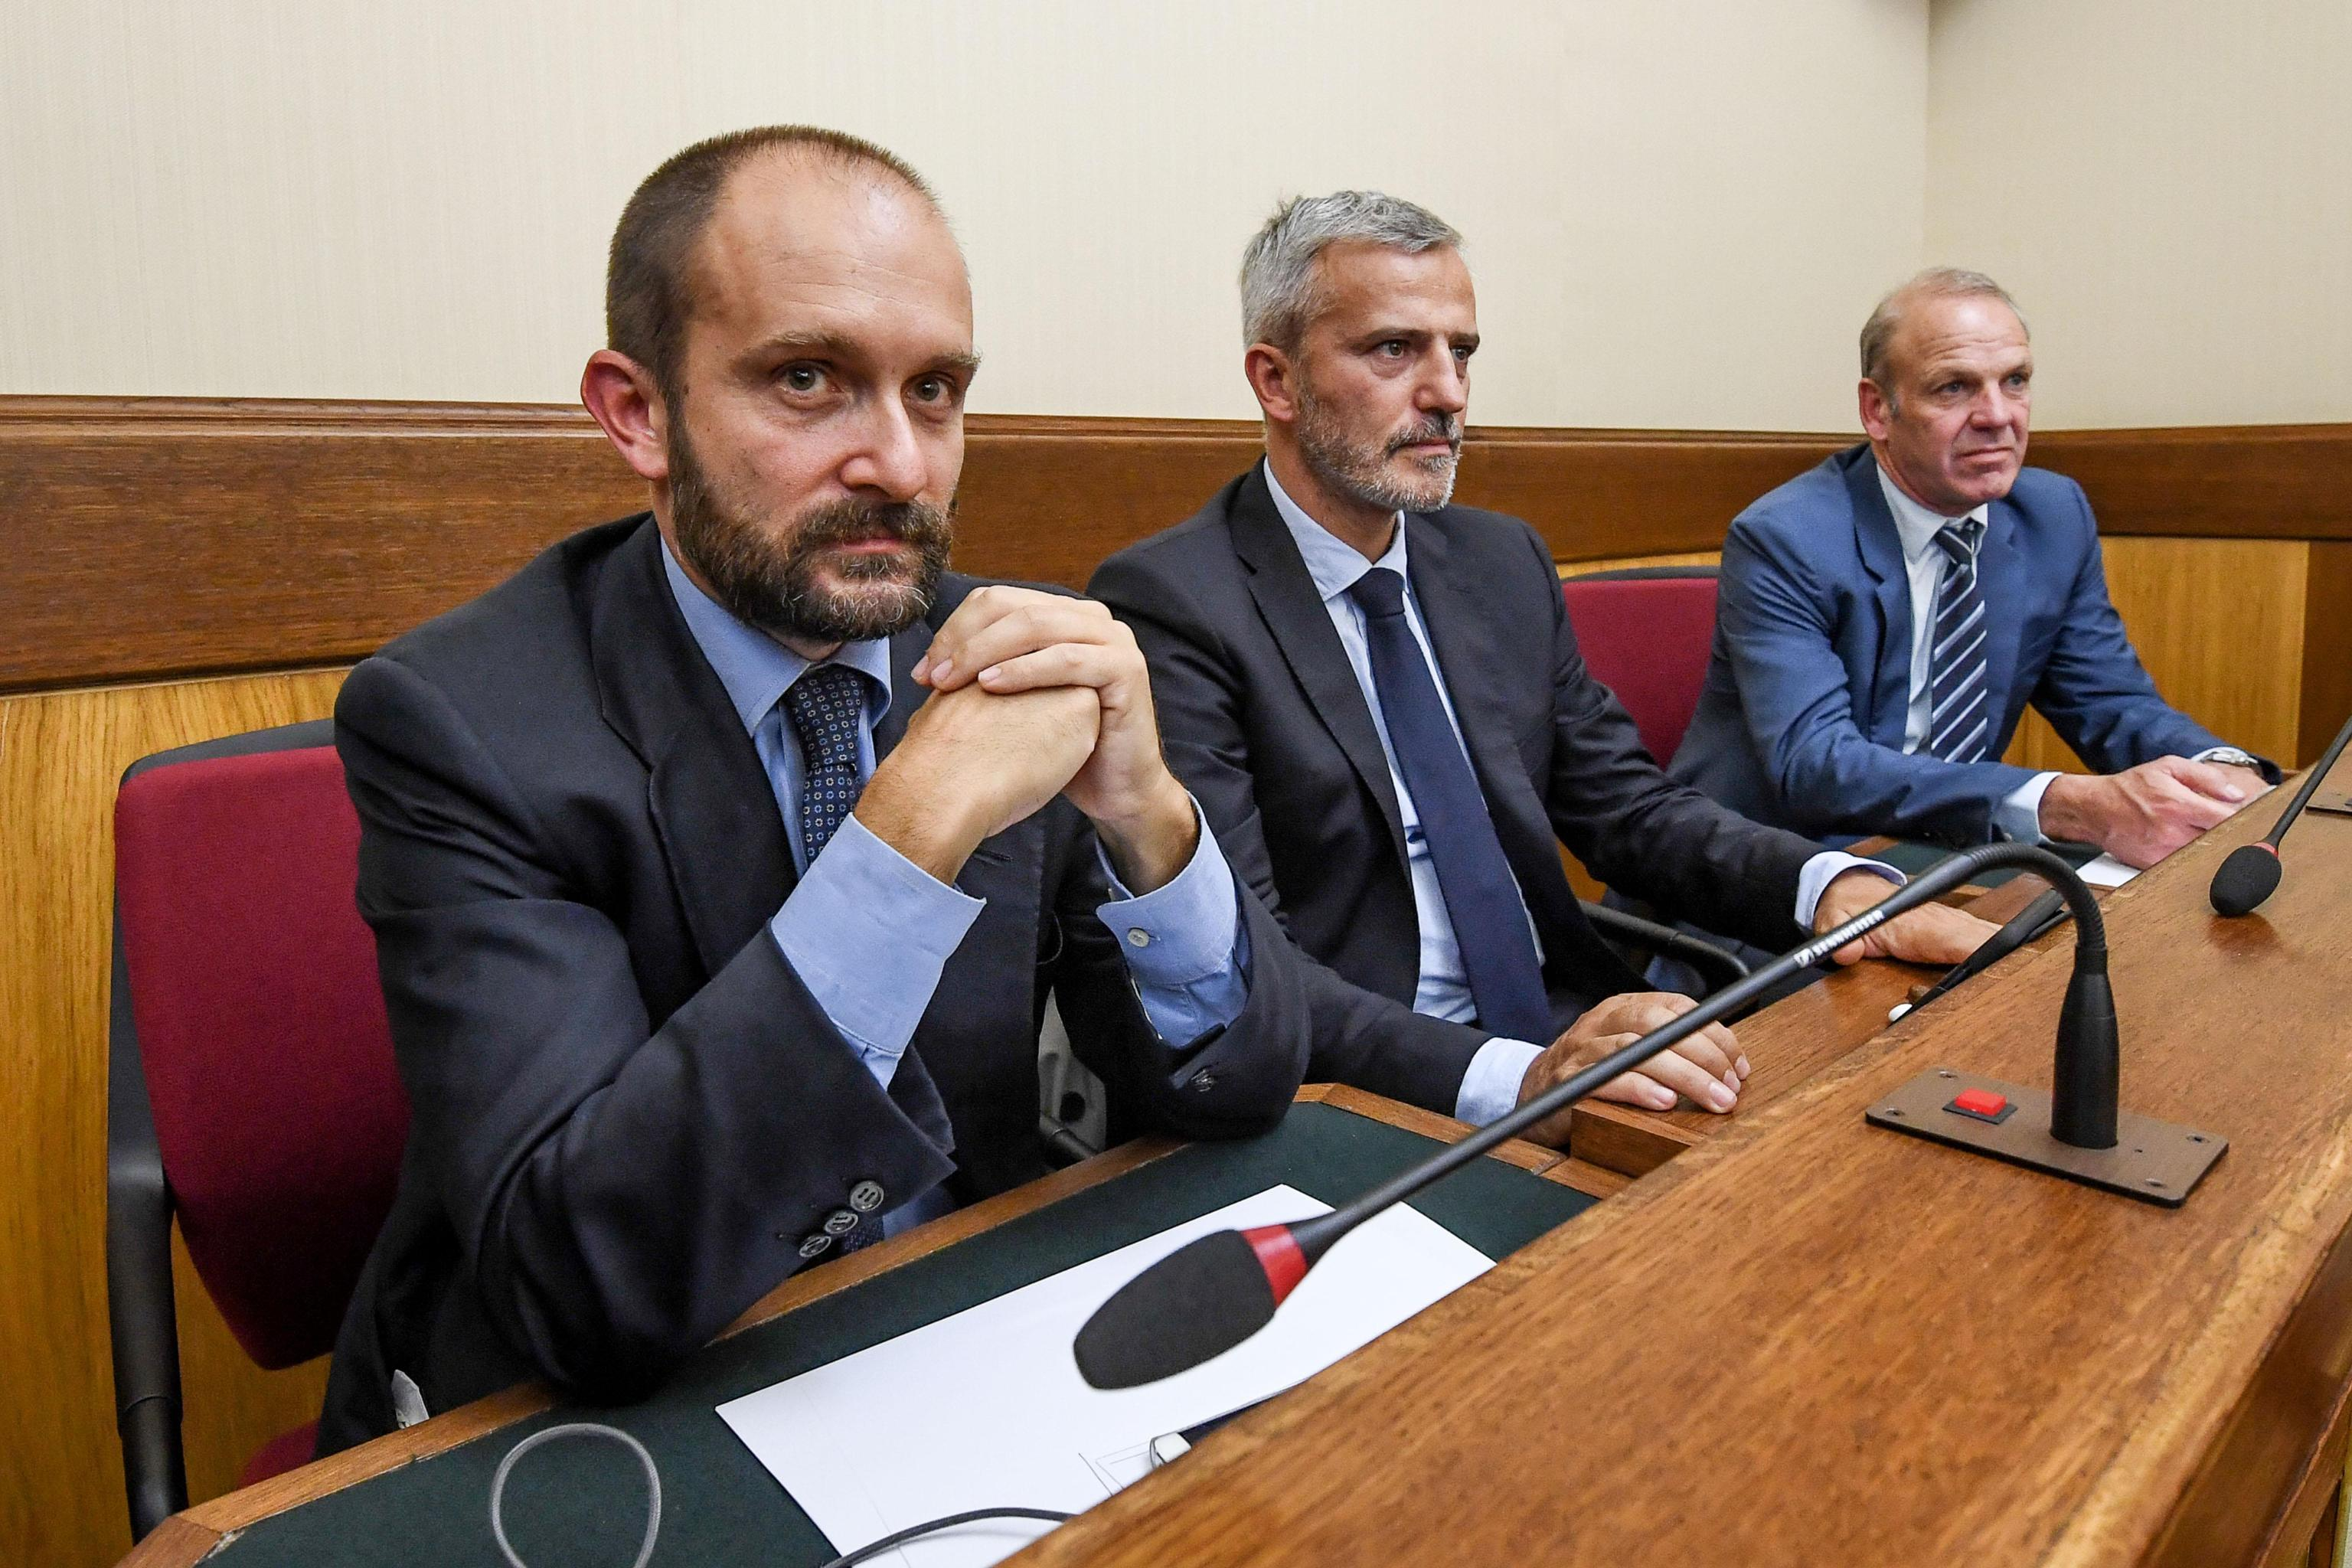 Banche:Orfini, venga audizione Ghizzoni